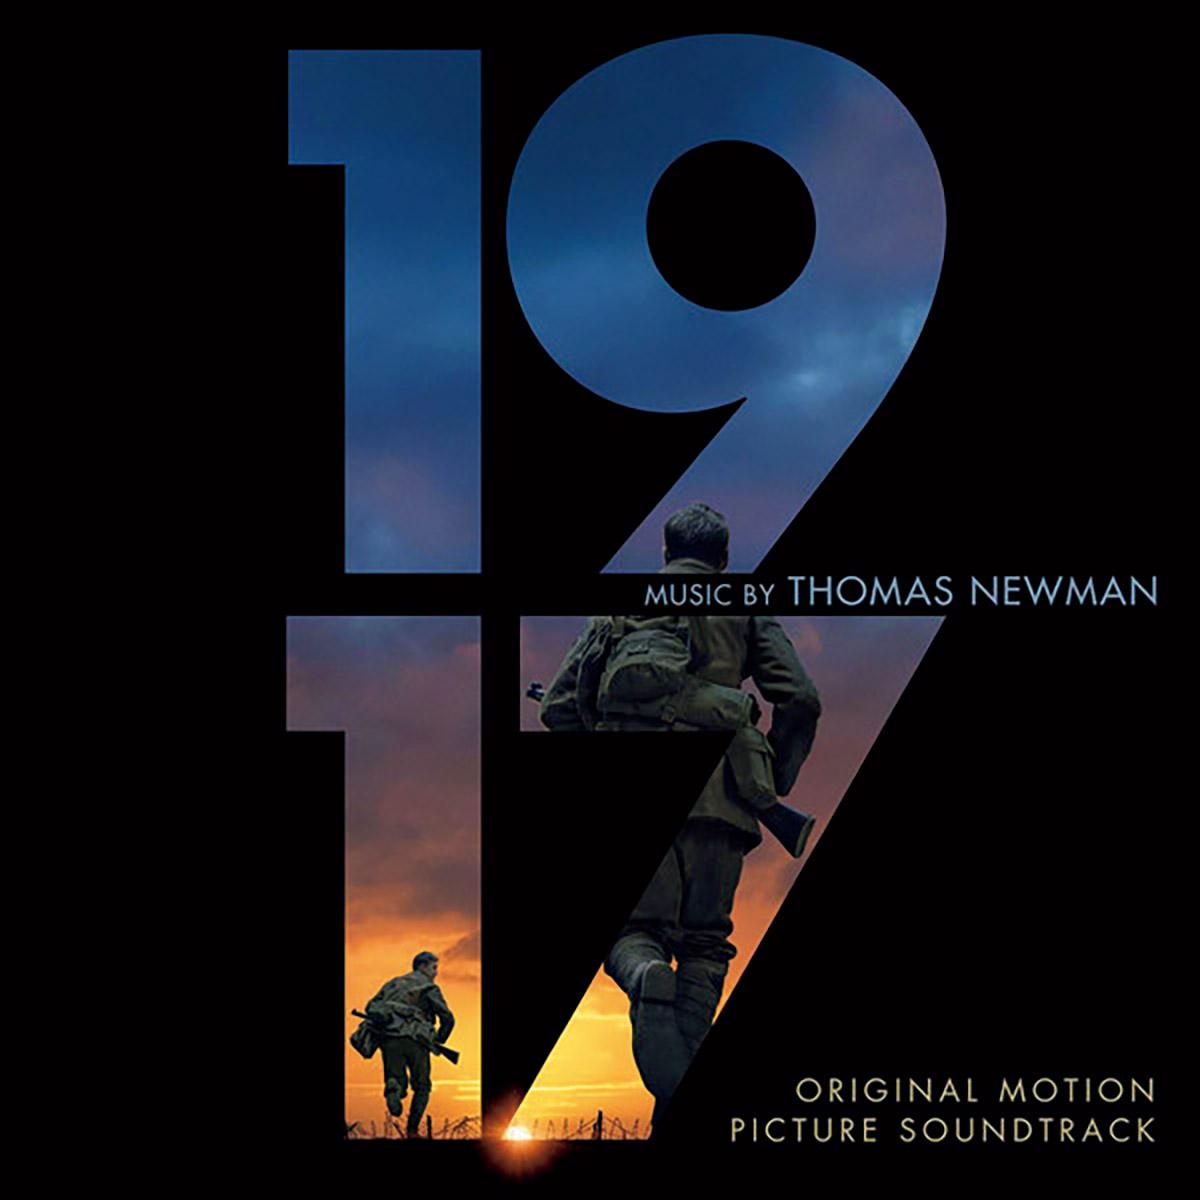 映画『1917』